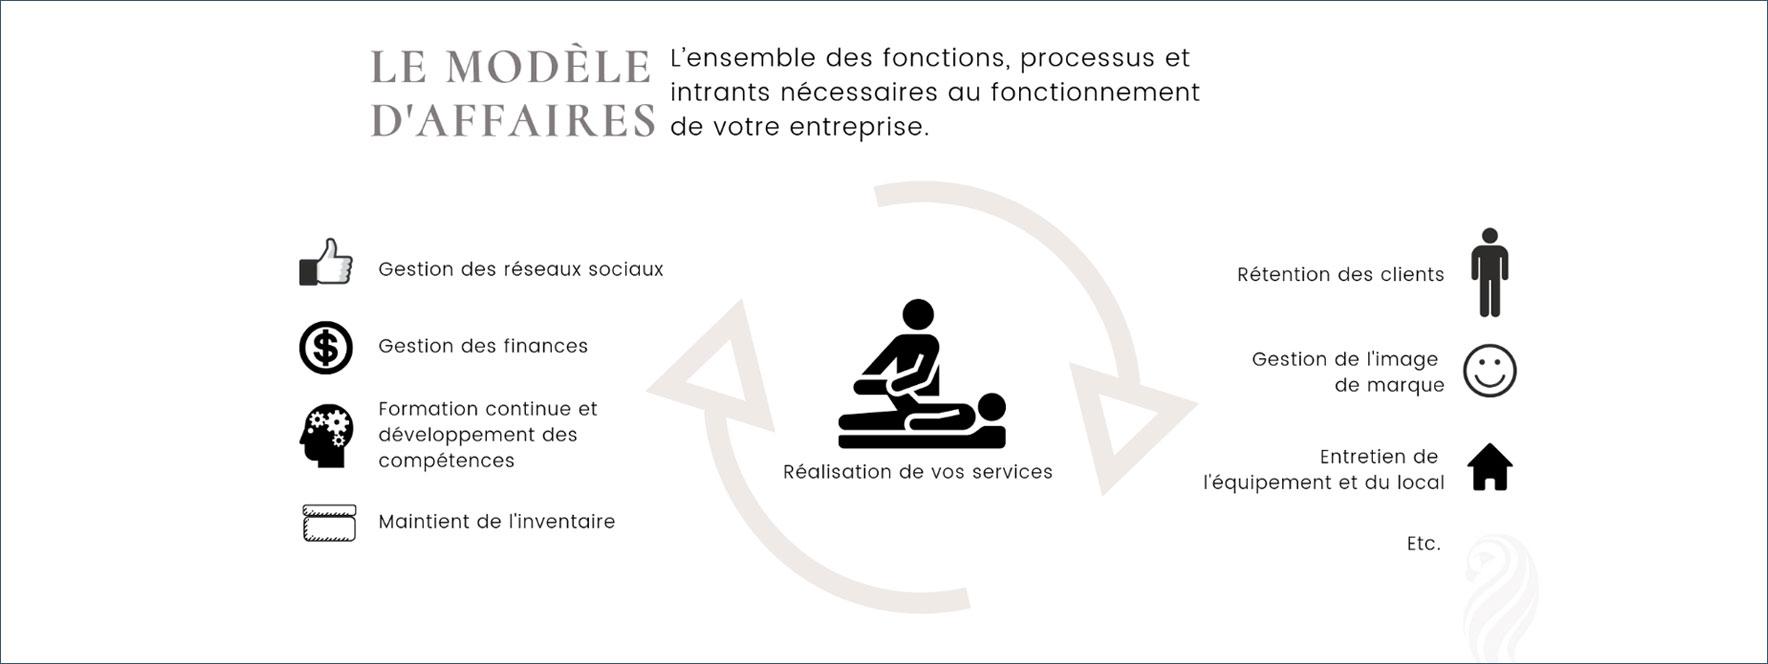 Le modèle d'affaires est l'ensemble des fonctions - Blogue du Réseau